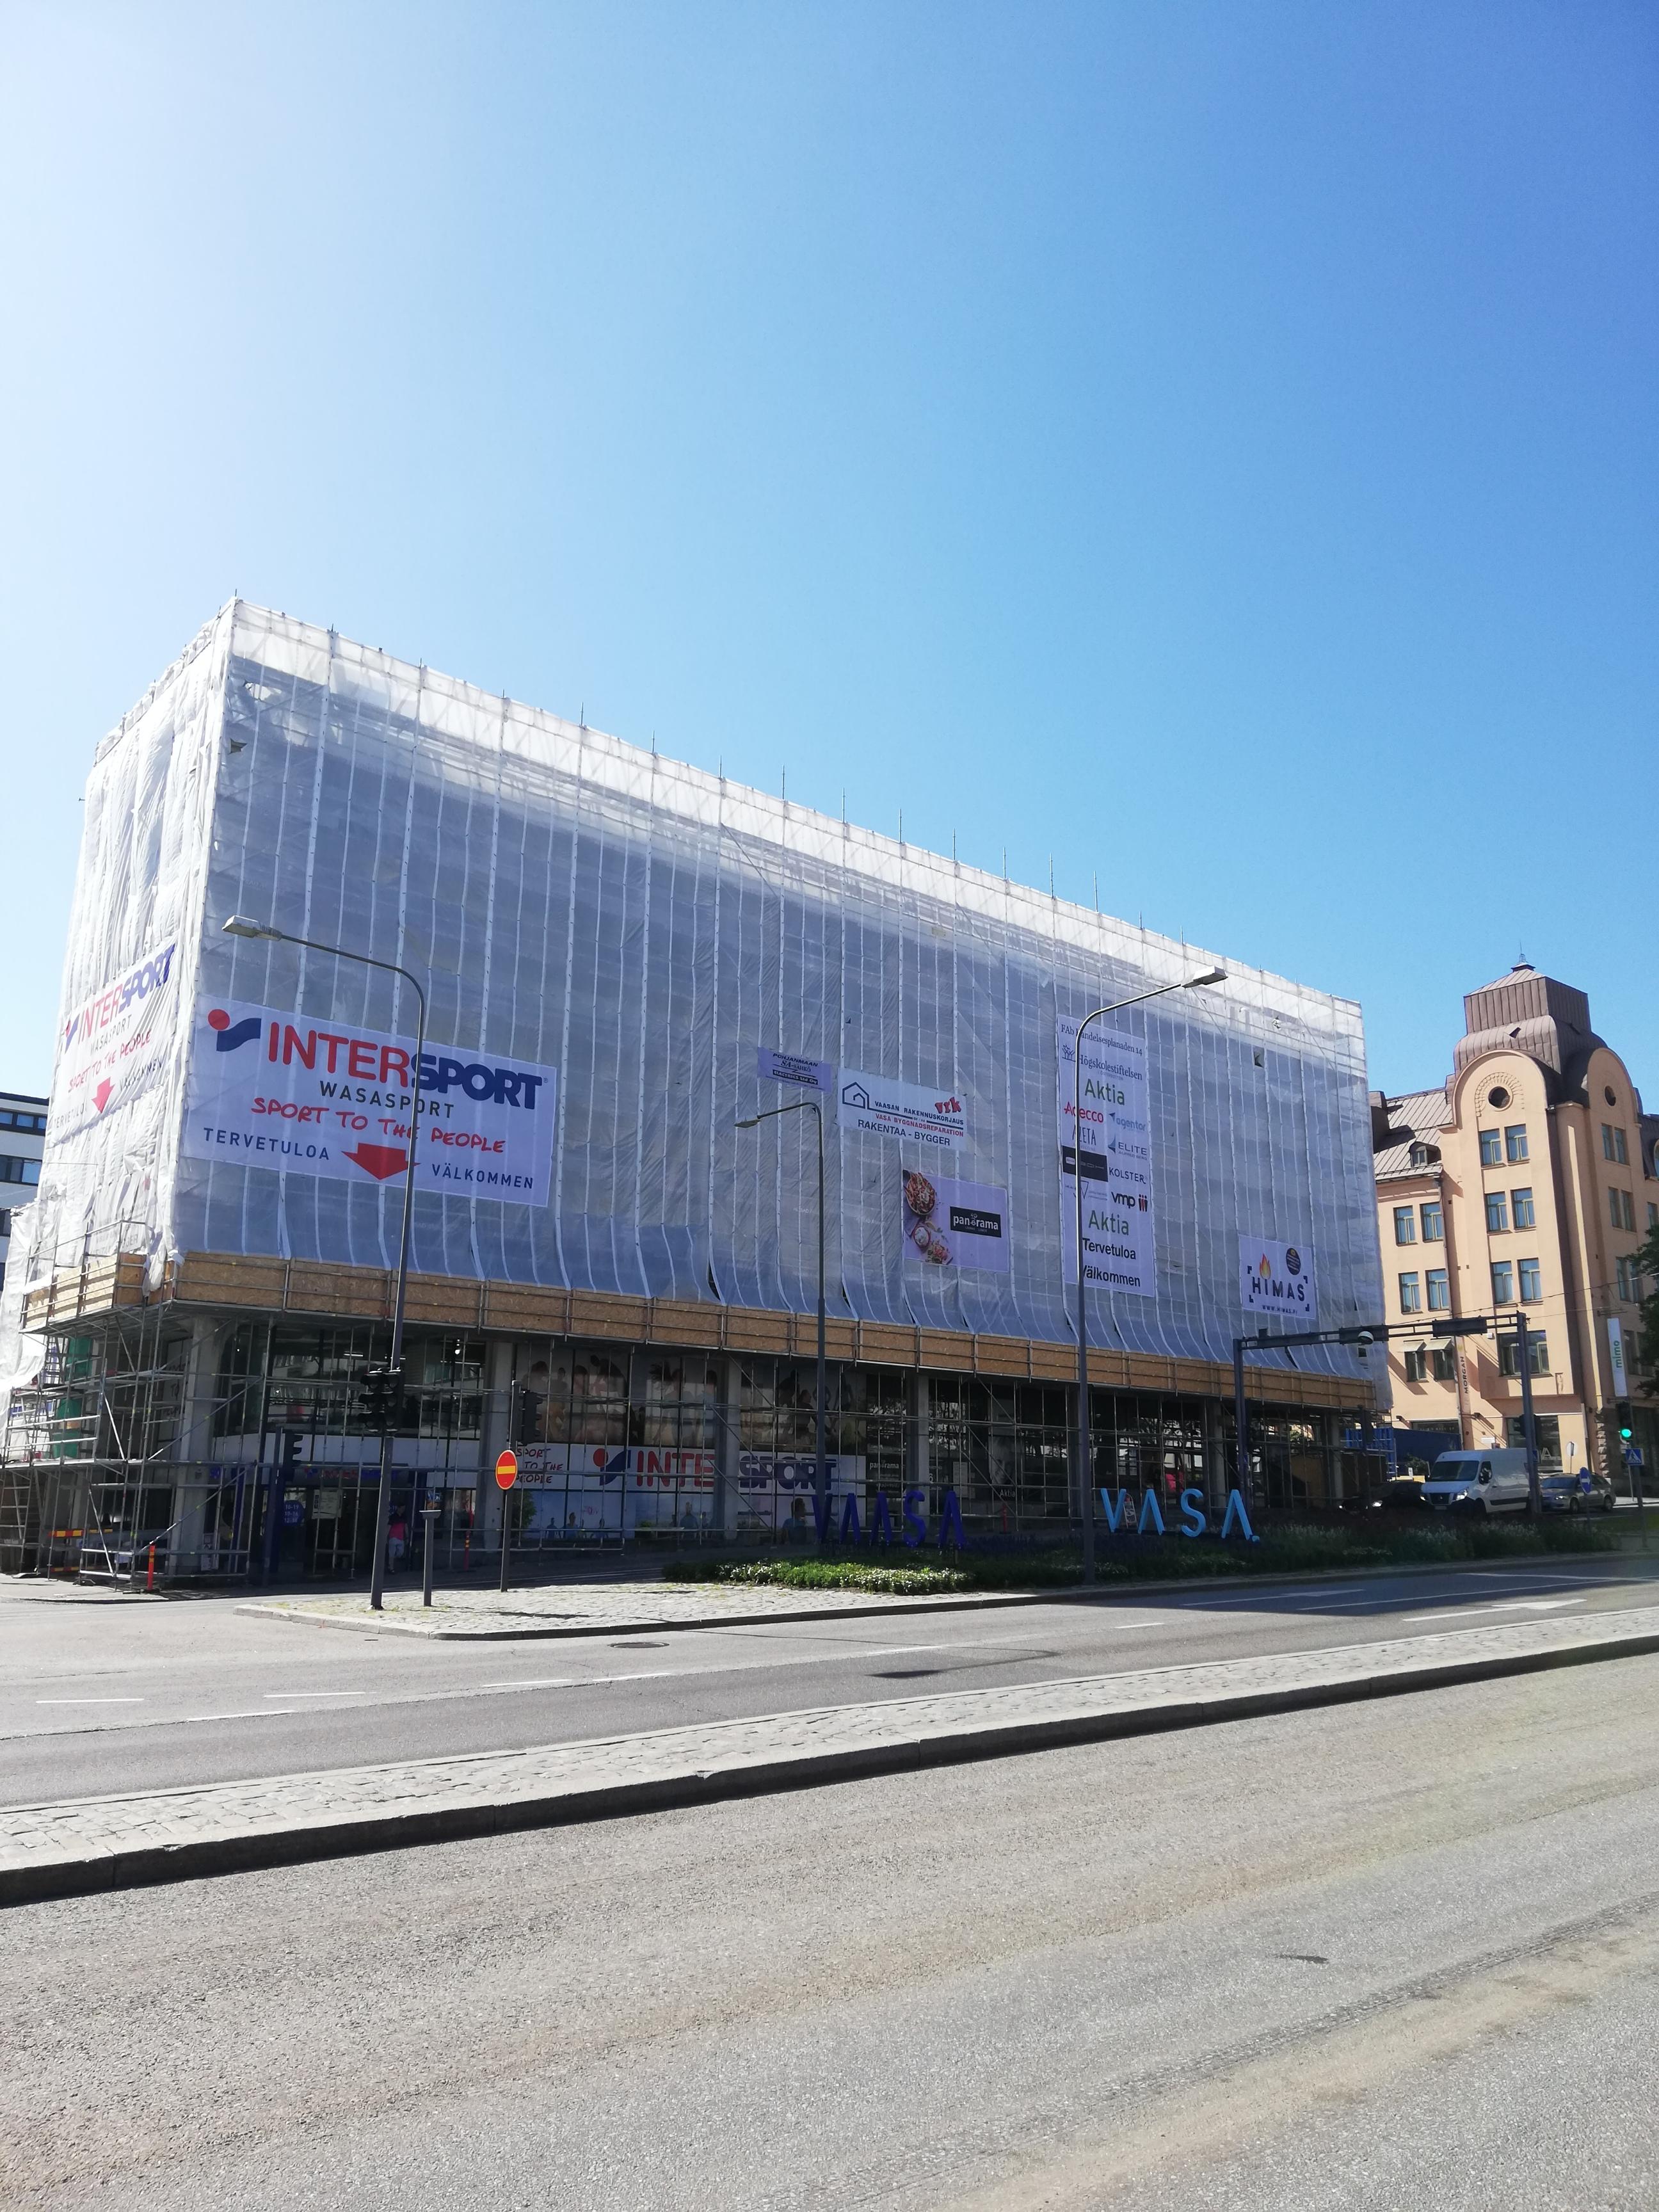 Fasadrenoveringen framskrider